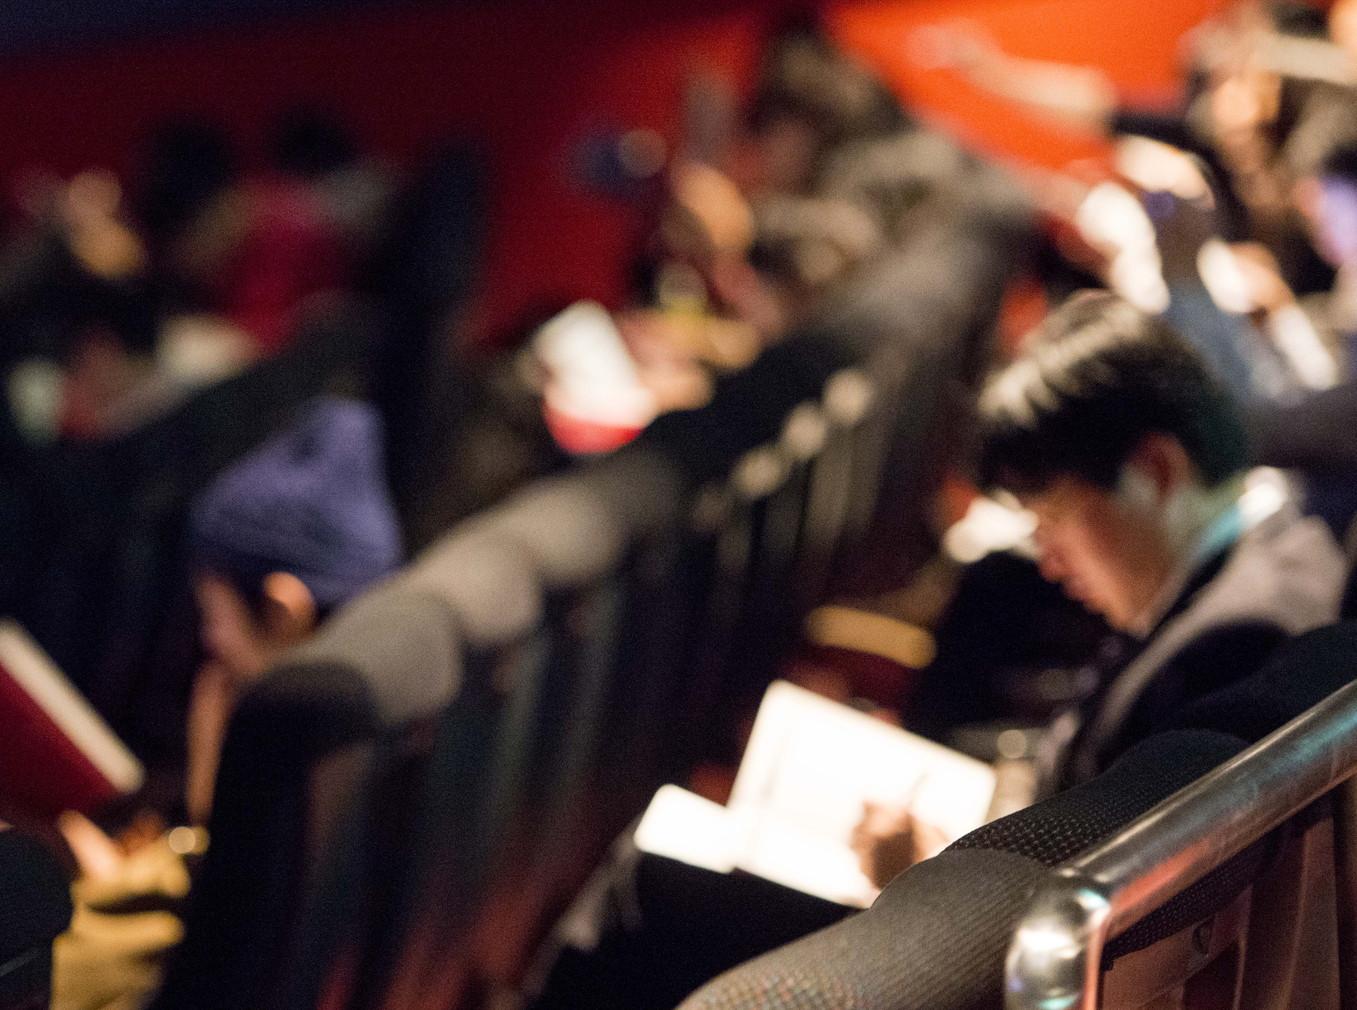 実際の映画館で行われる「ある映画館からの脱出」